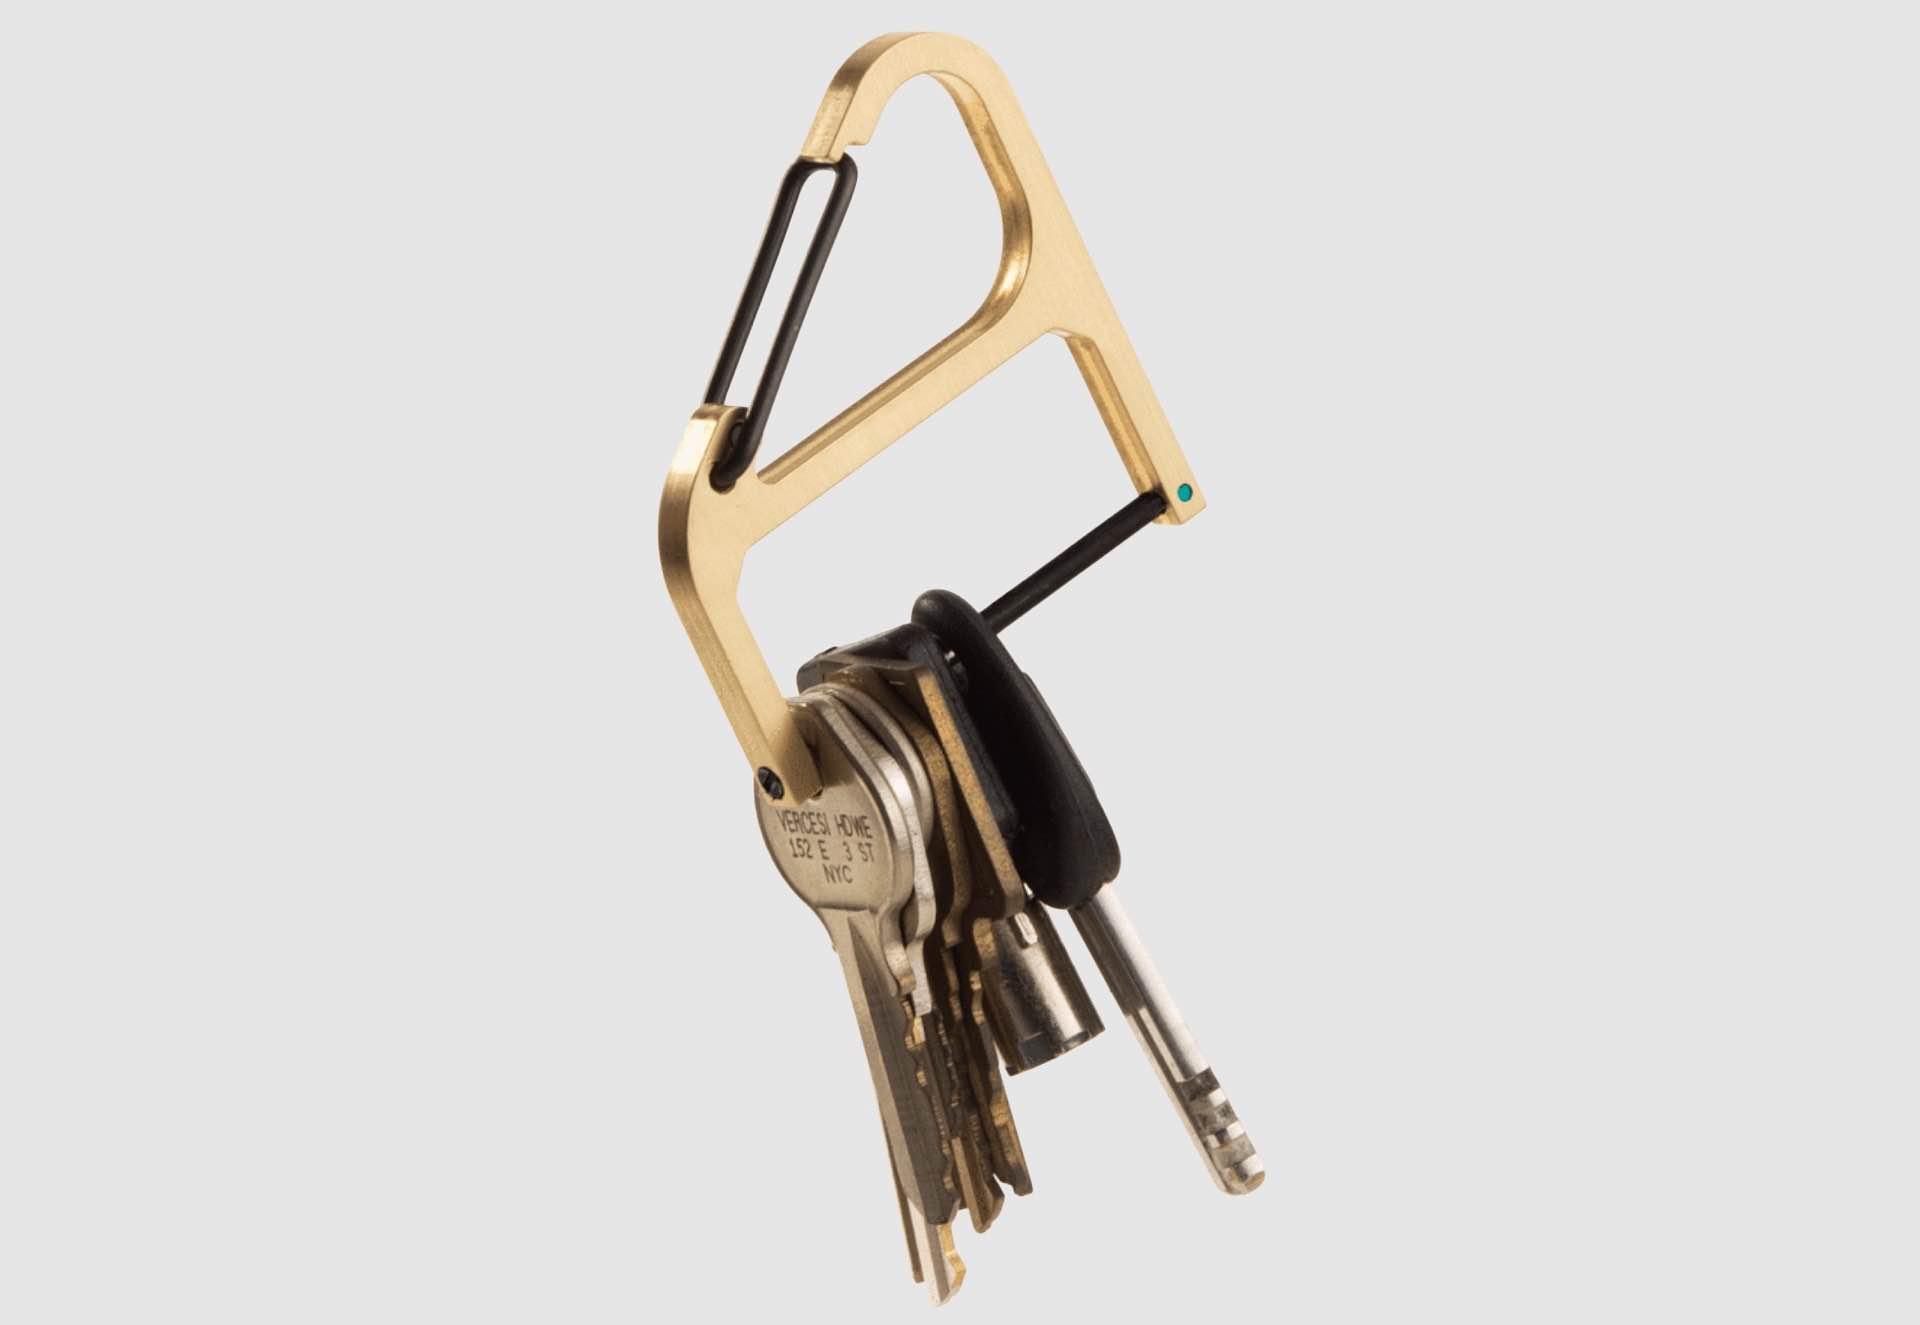 cwandt-key-wrangler-key-holder-organizer